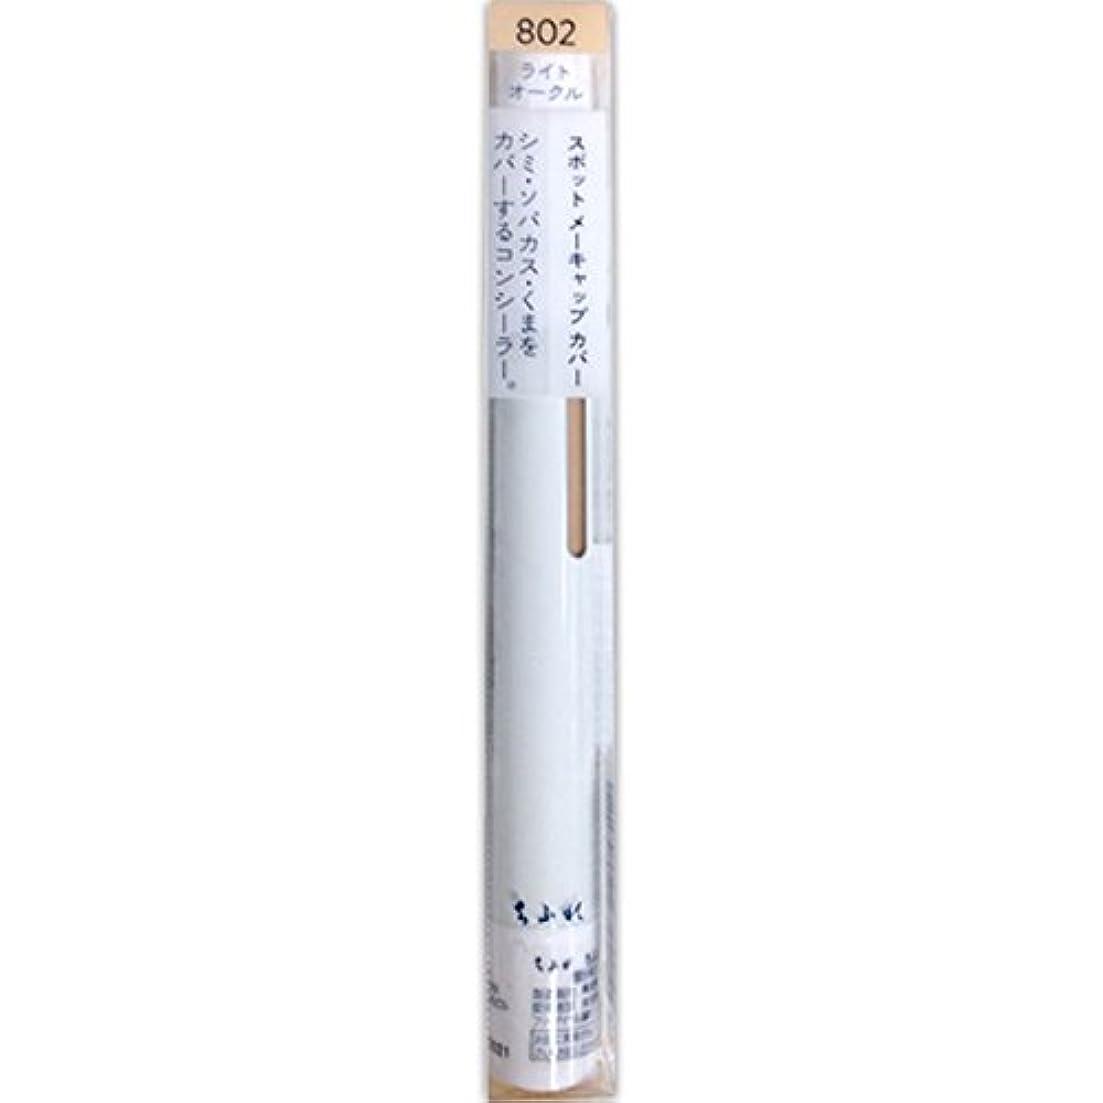 冗長標準チートちふれ化粧品 スポット メーキャップ カバー 802 ライト オークル -